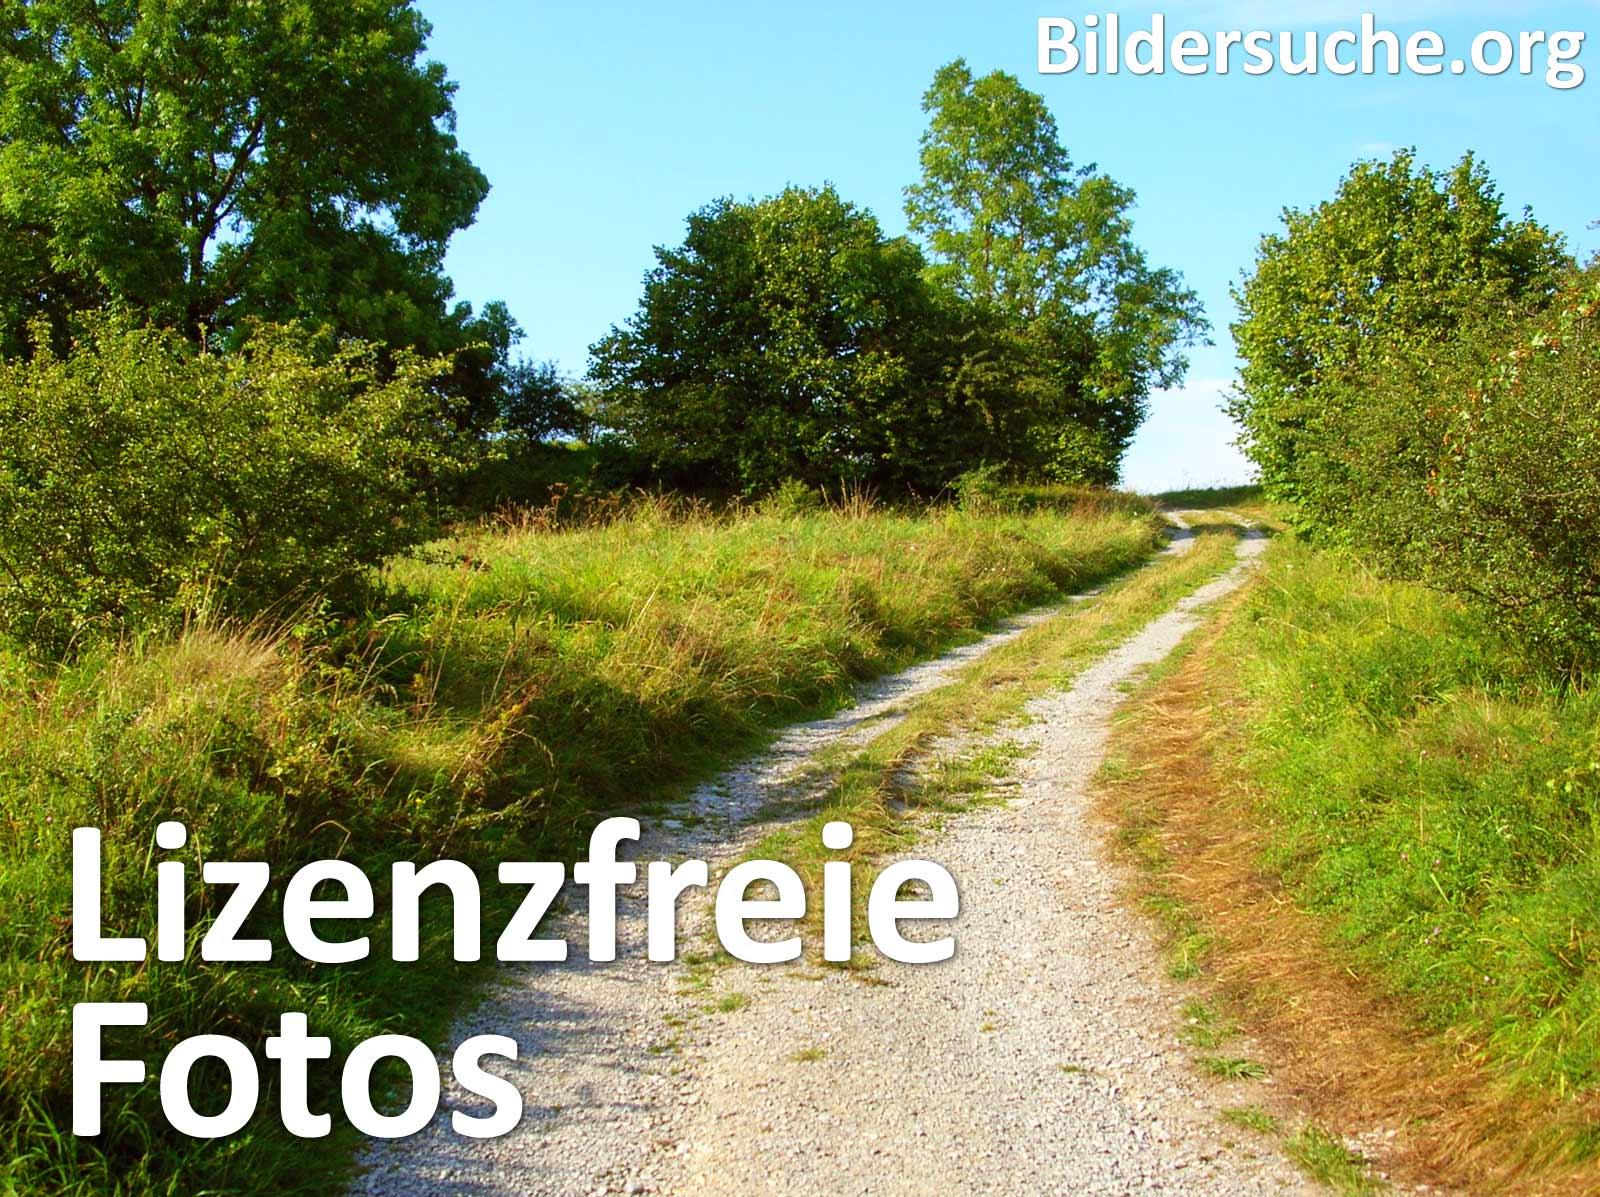 Lizenzfreie Bilder zur kostenlosen Nutzung.